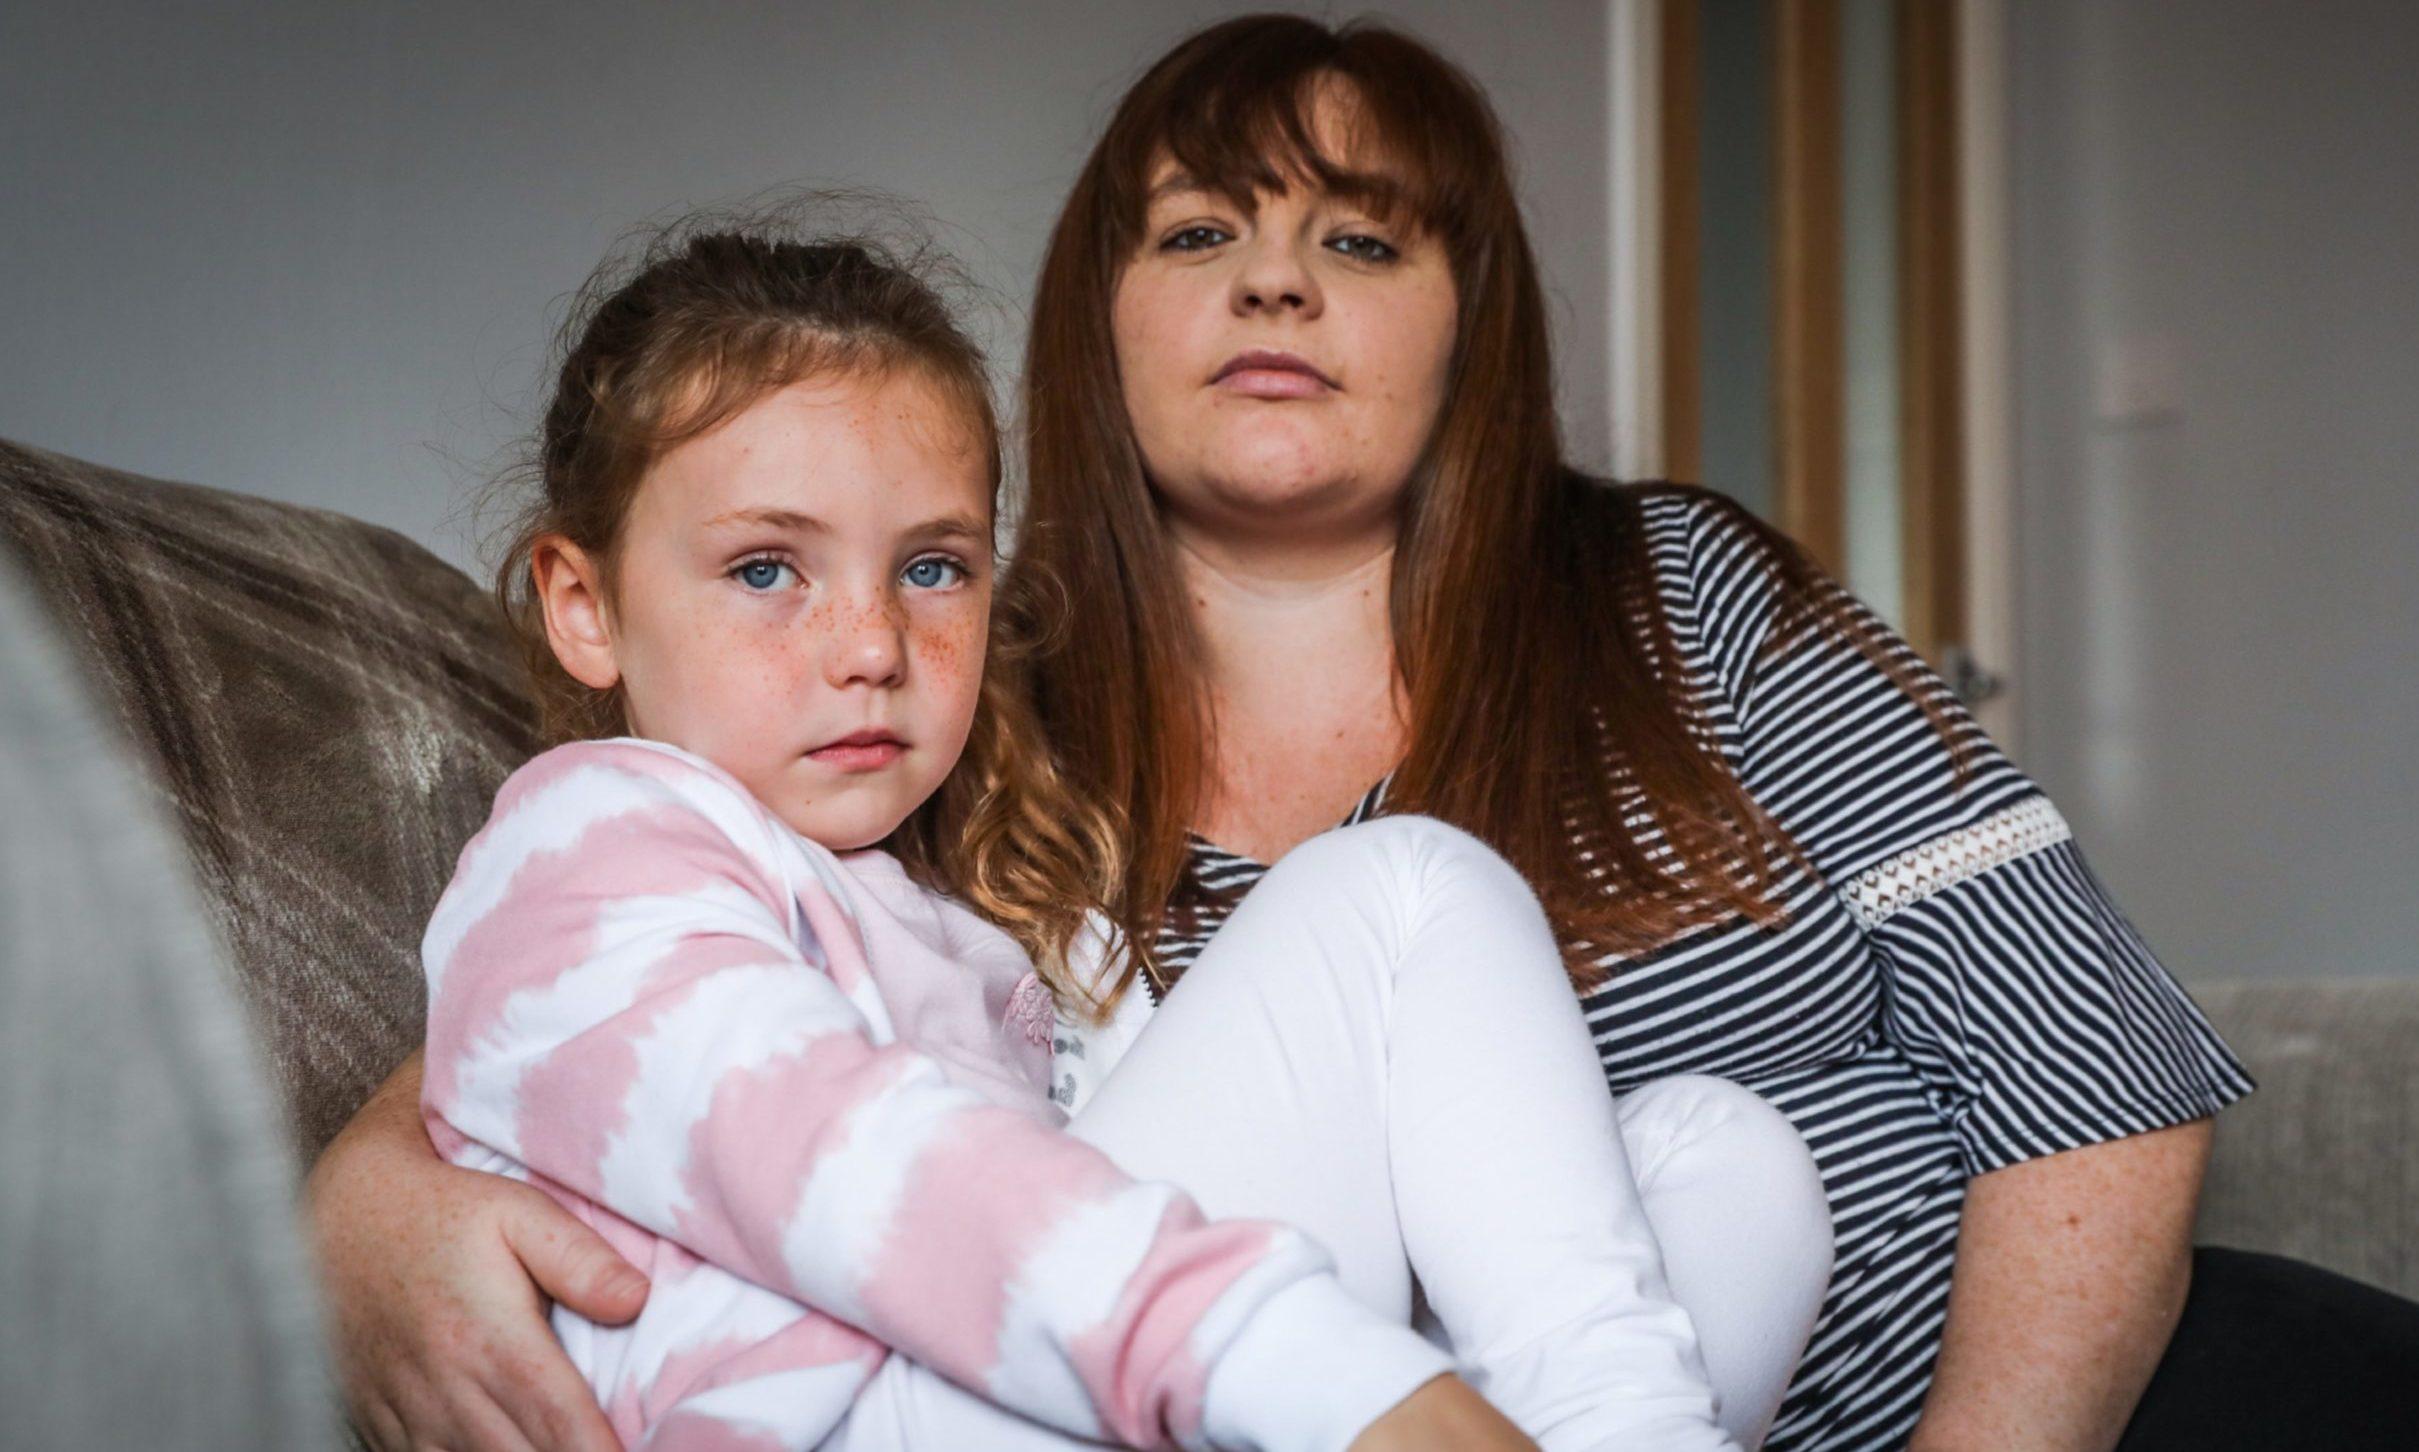 Jade Erskine has kept her daughter Kaitlyn Morris off school over Covid-19 fears.